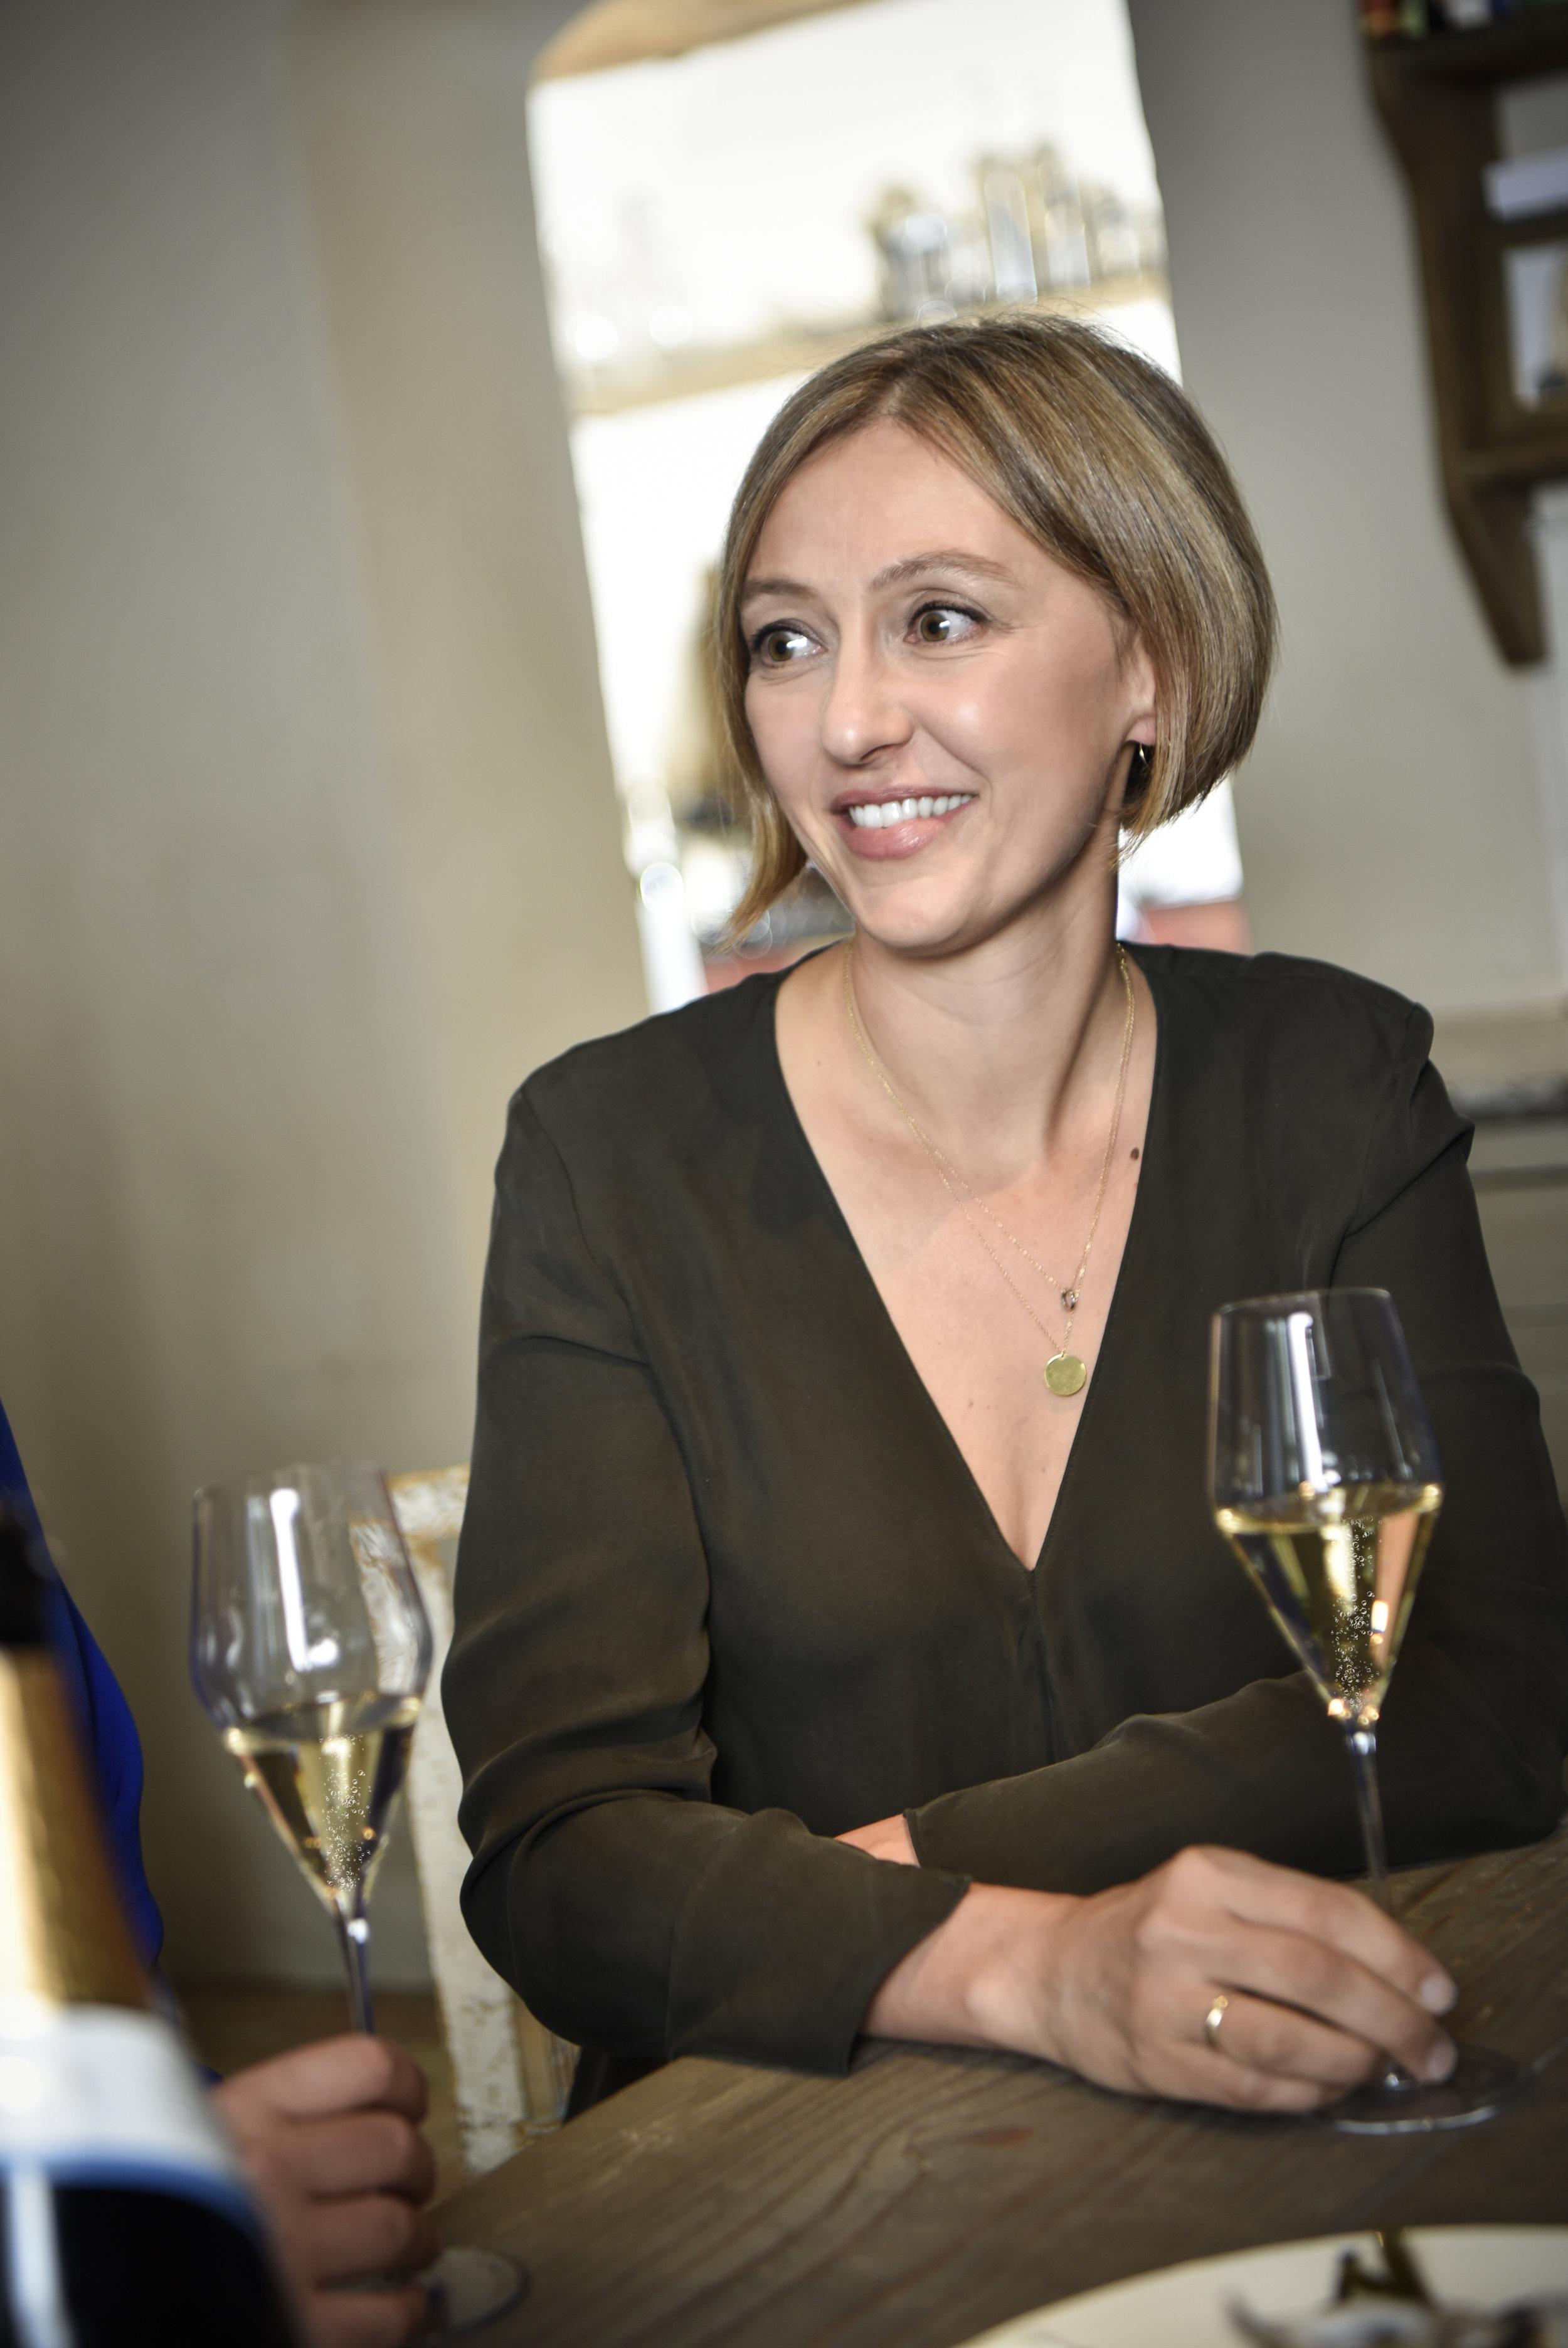 Cherie Spriggs, Head Winemaker of Nyetimber - 3.jpg